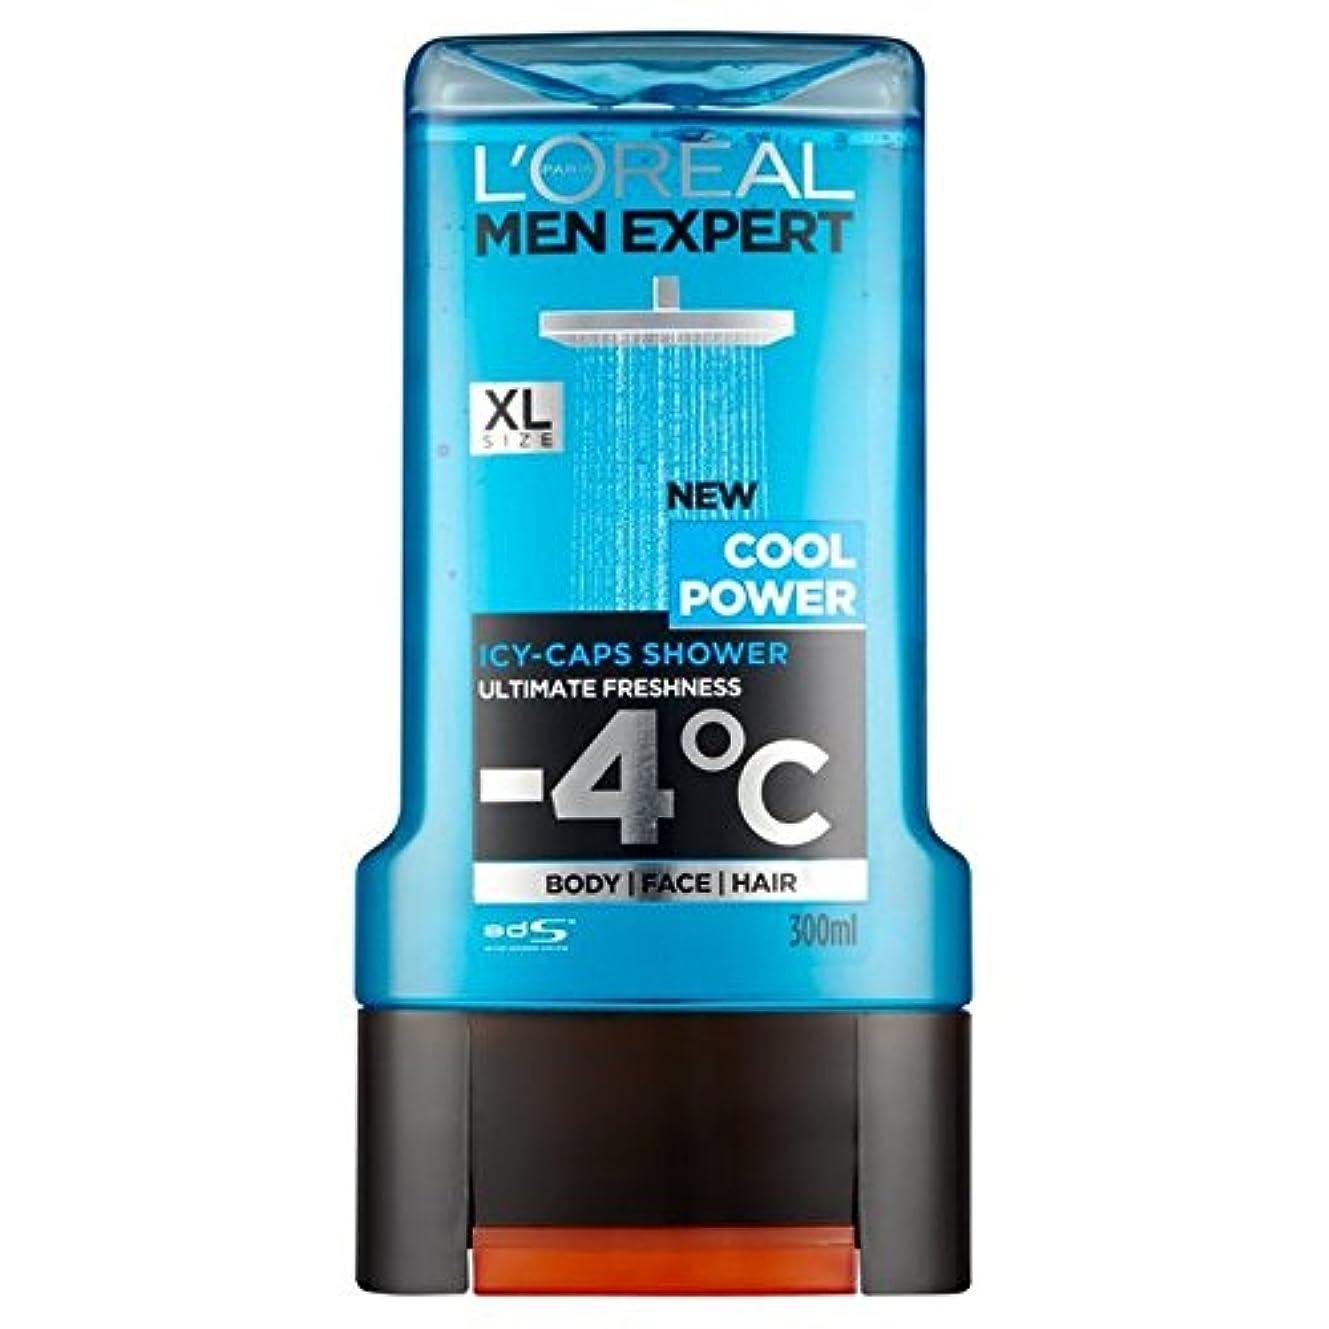 巨大なポーチ根絶するL'Oreal Paris Men Expert Cool Power Shower Gel 300ml - ロレアルパリの男性の専門家のクールなパワーシャワージェル300ミリリットル [並行輸入品]